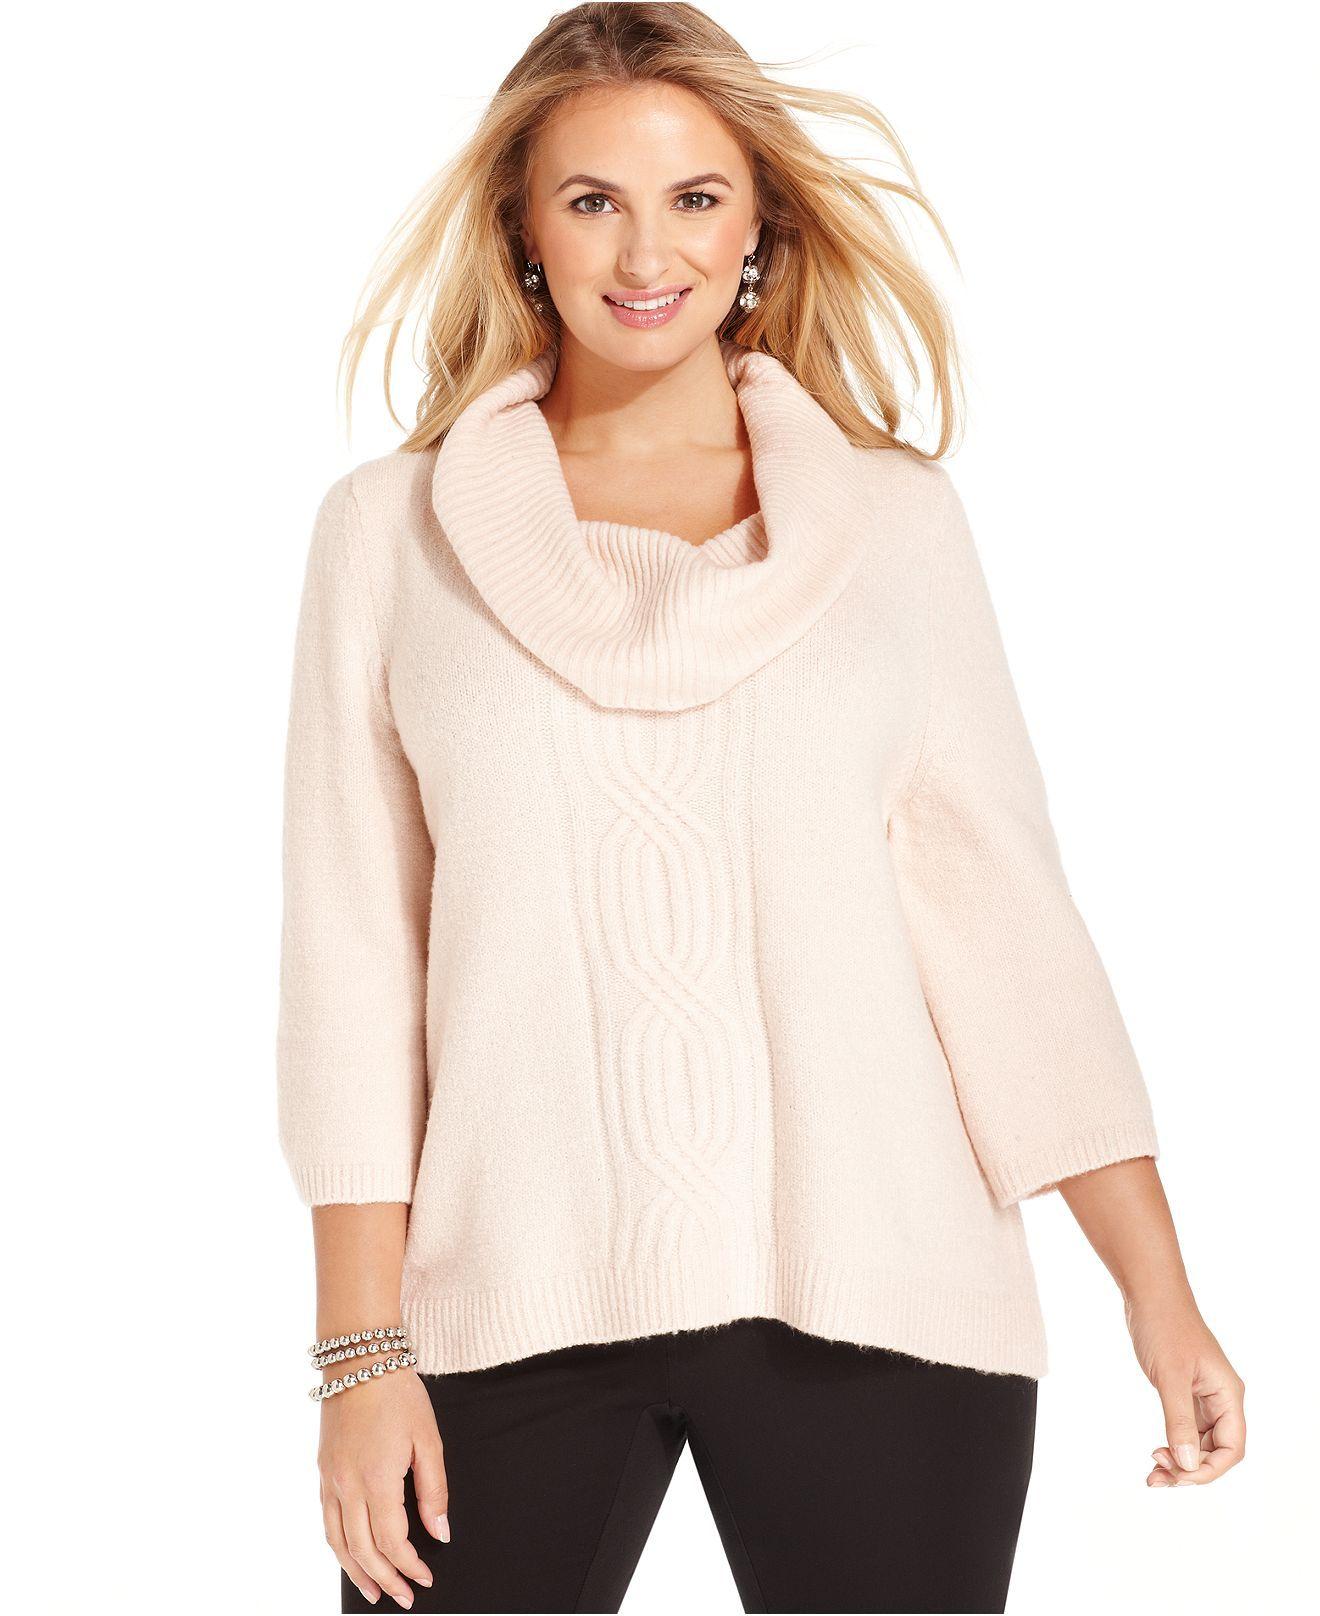 macys plus size sweaters - Siteze